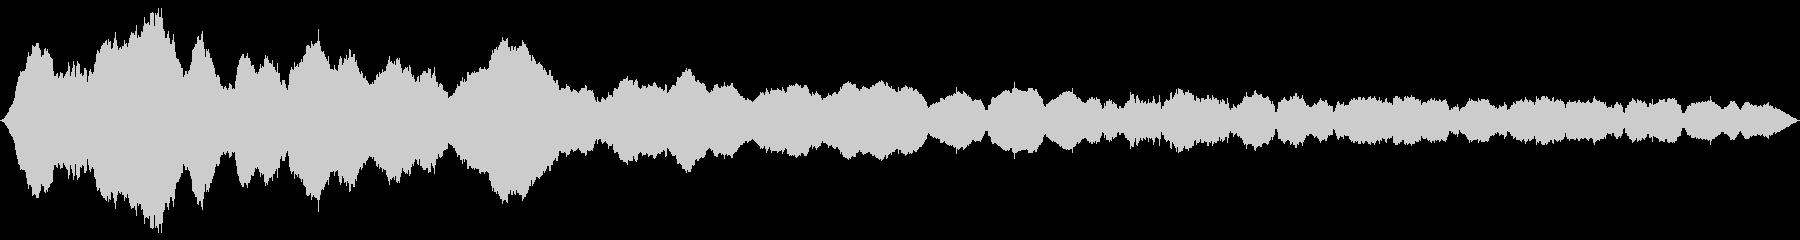 低シンセドローン:光変調、低周波宇...の未再生の波形